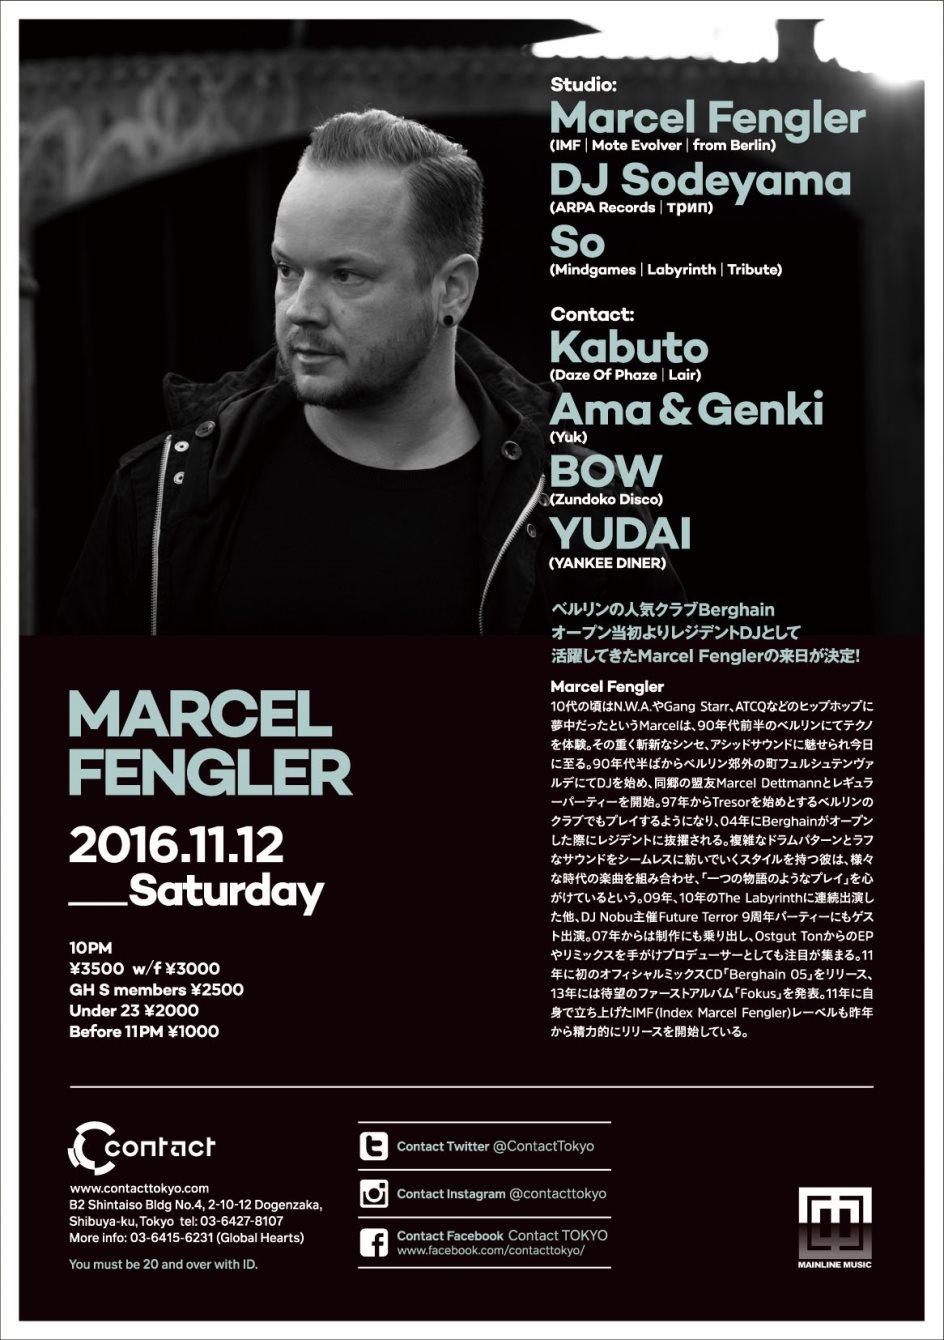 Marcel Fengler - Flyer back